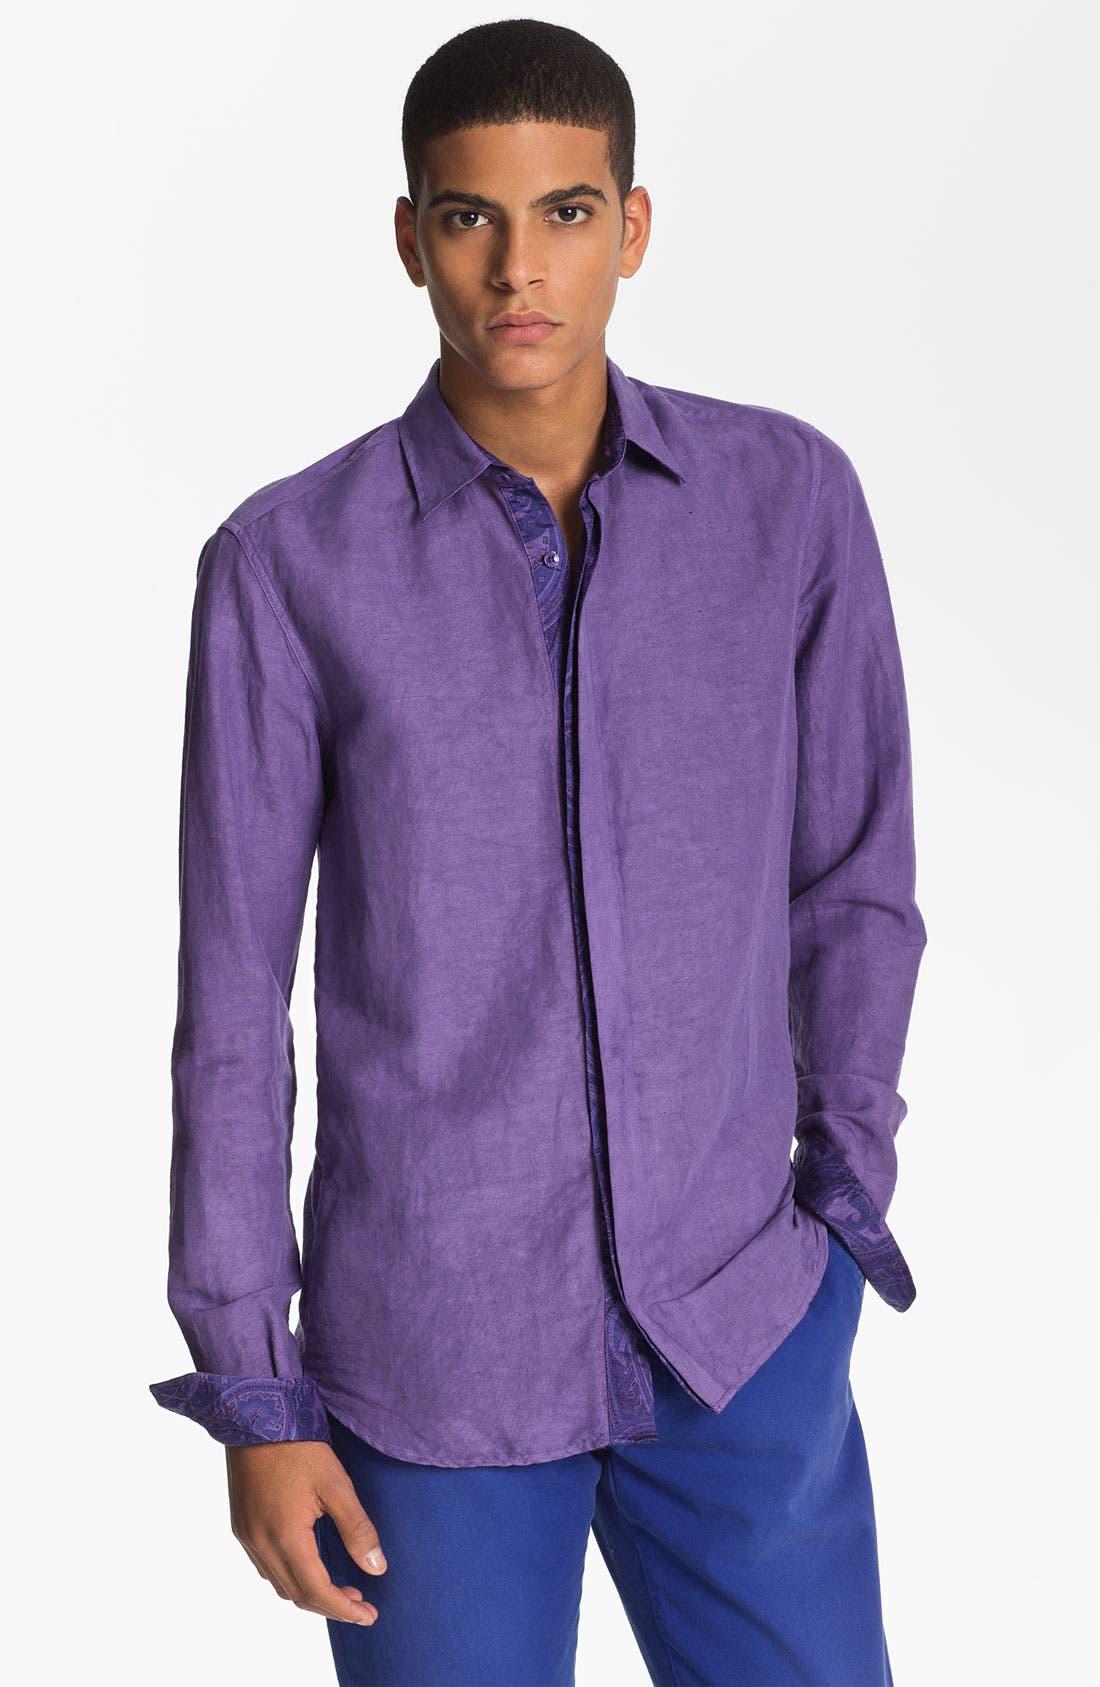 Alternate Image 1 Selected - Etro 'Camicia' Cotton & Linen Shirt